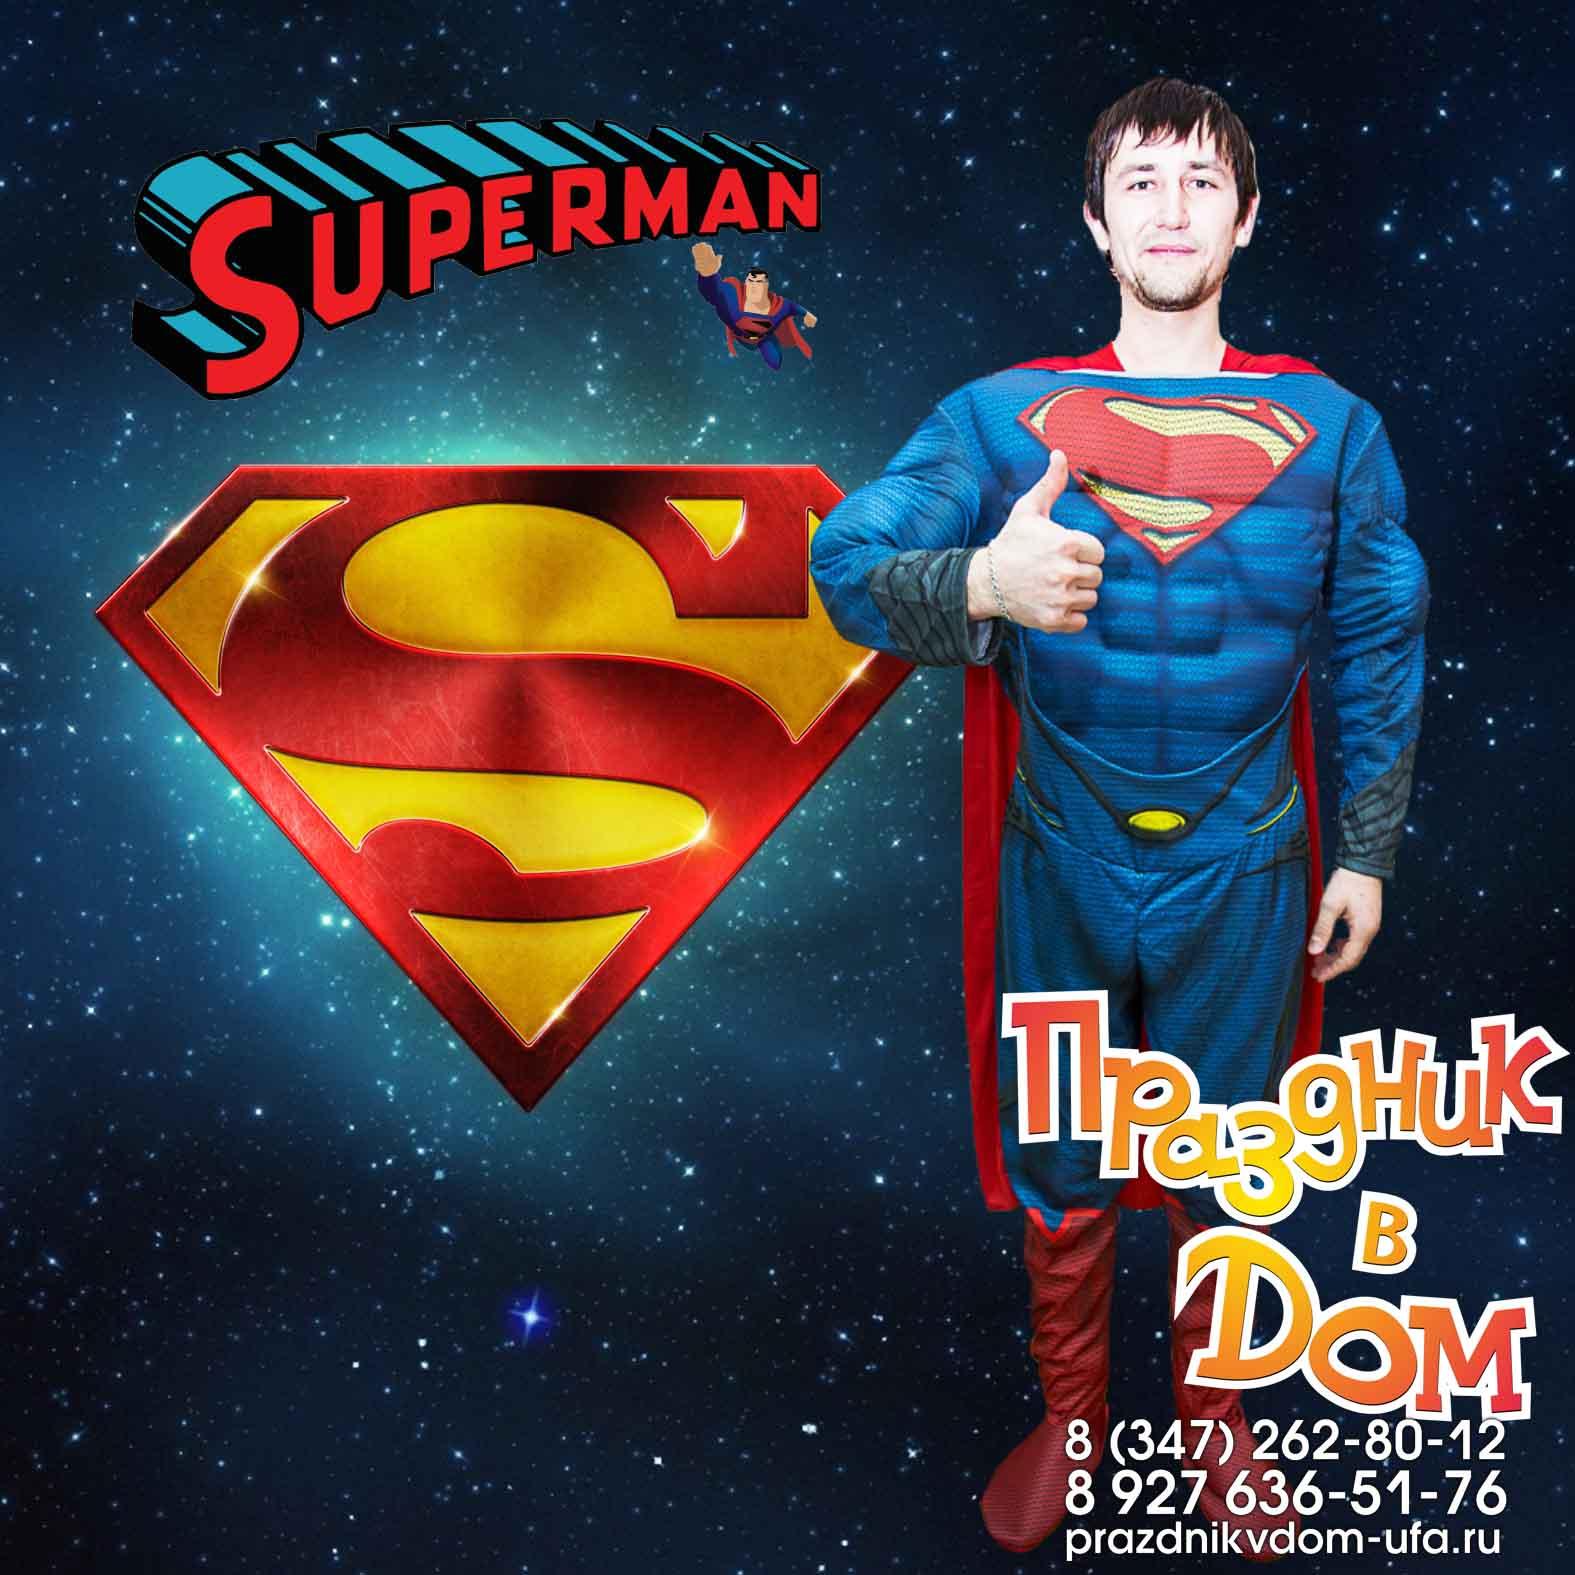 Аниматор Супермен в Уфе